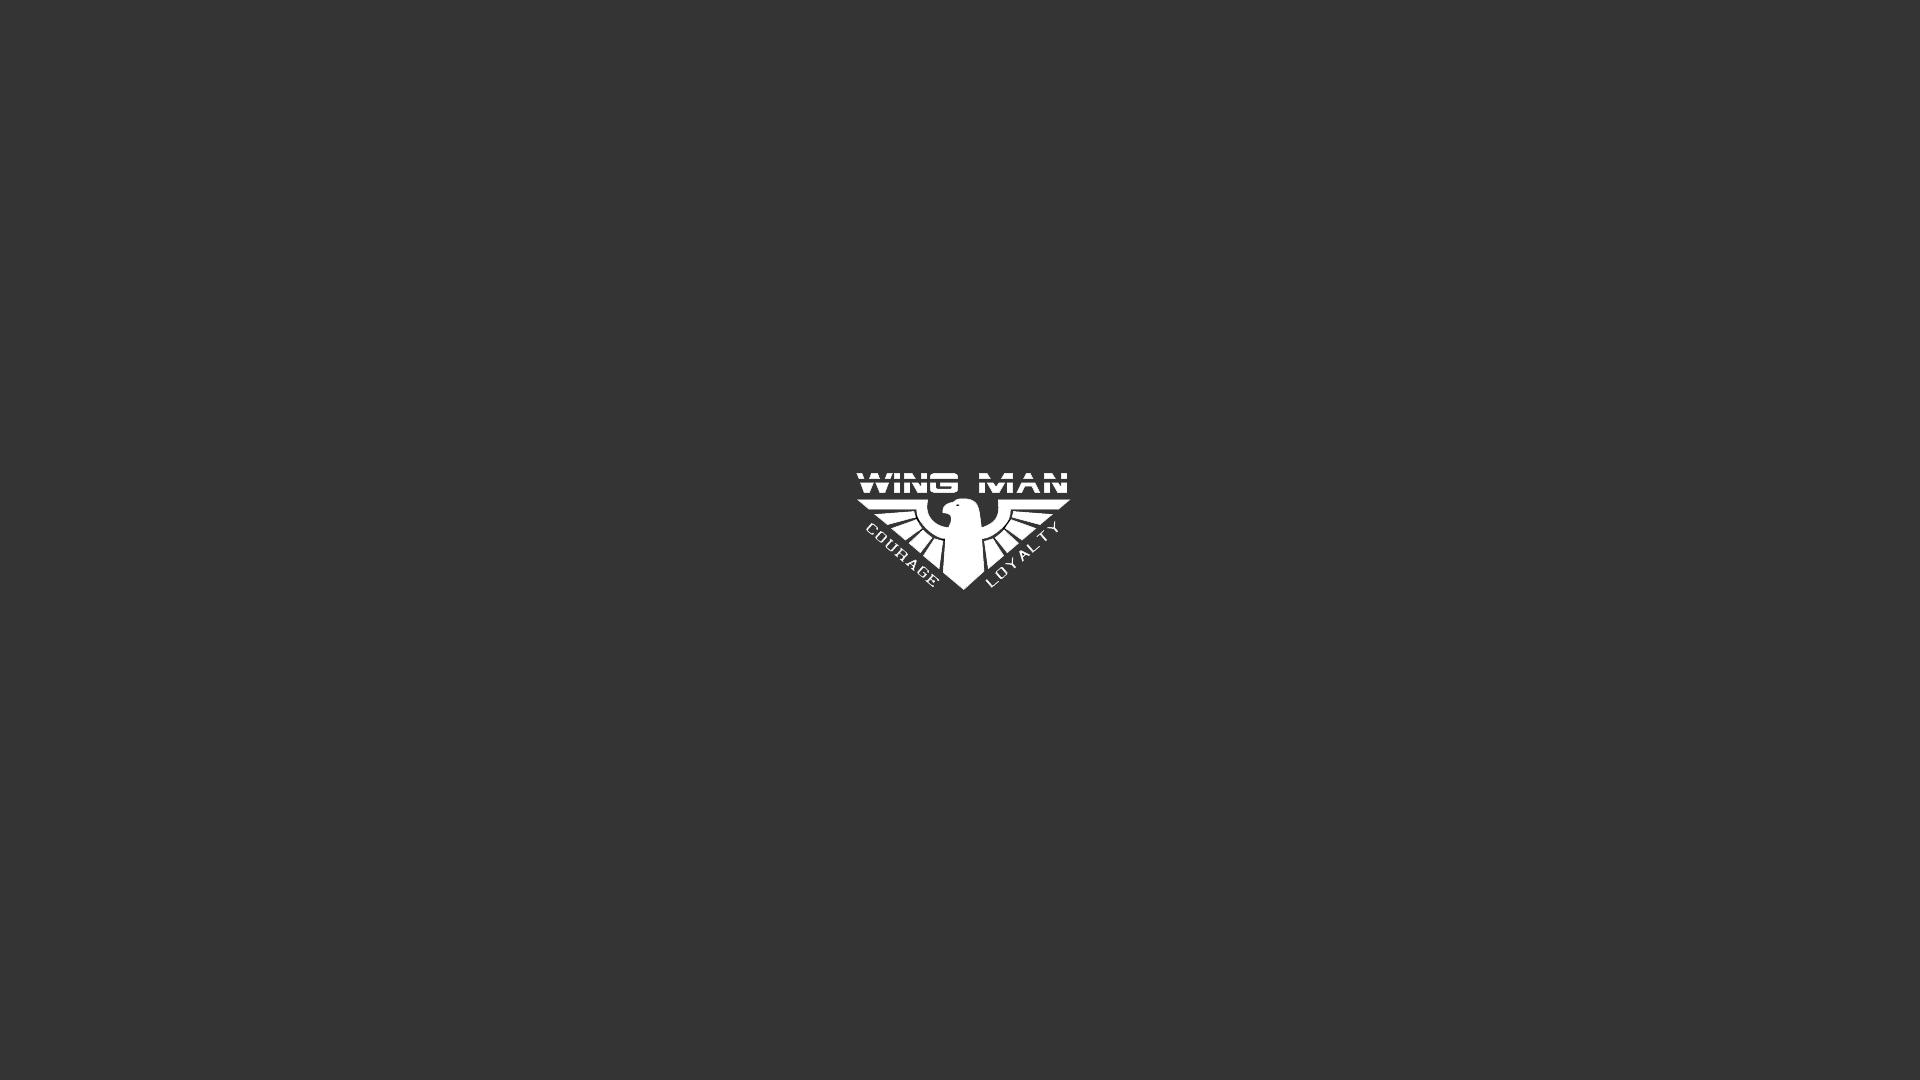 Wingman: Wingman